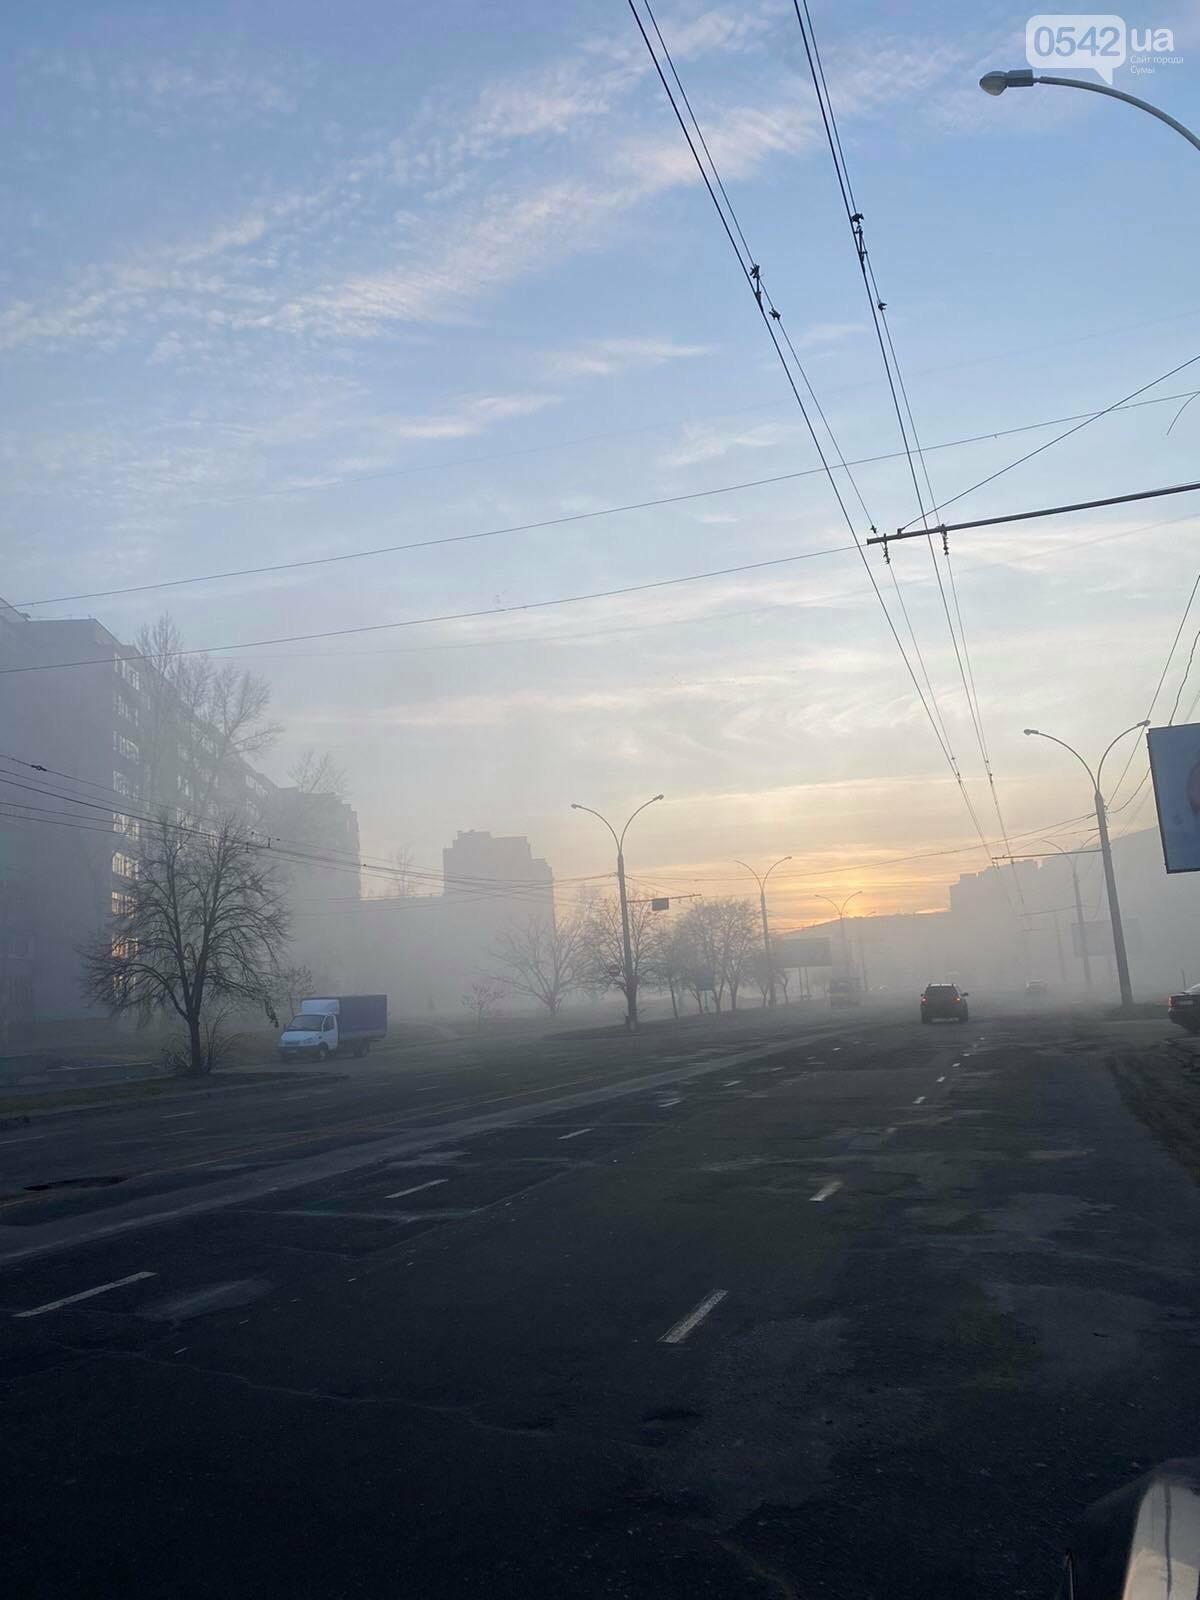 Частину Сум огорнув смердючий туман, фото-2